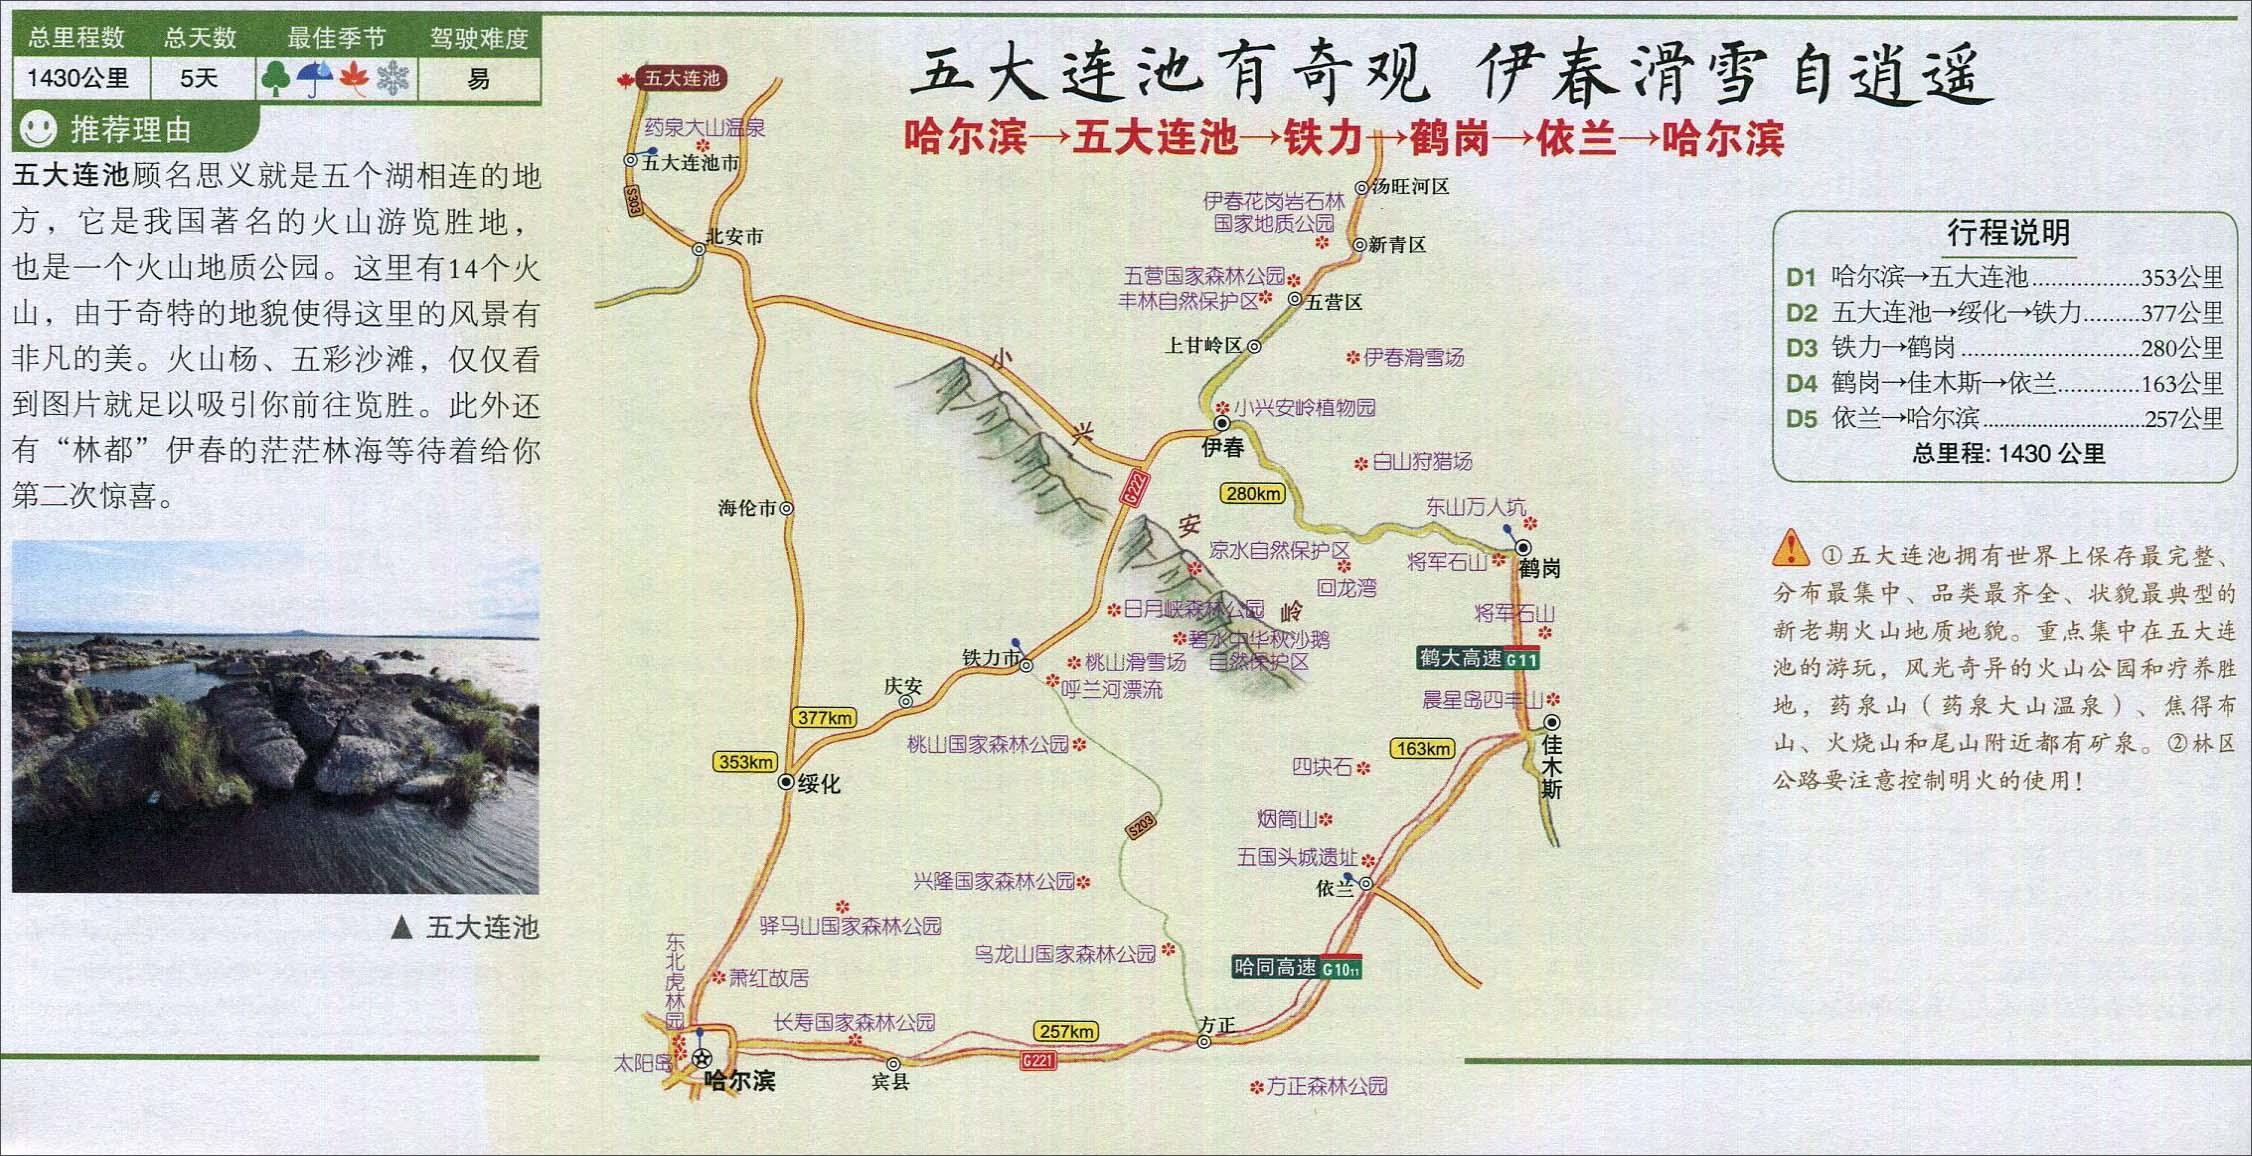 哈尔滨至鹤岗自驾游路线图